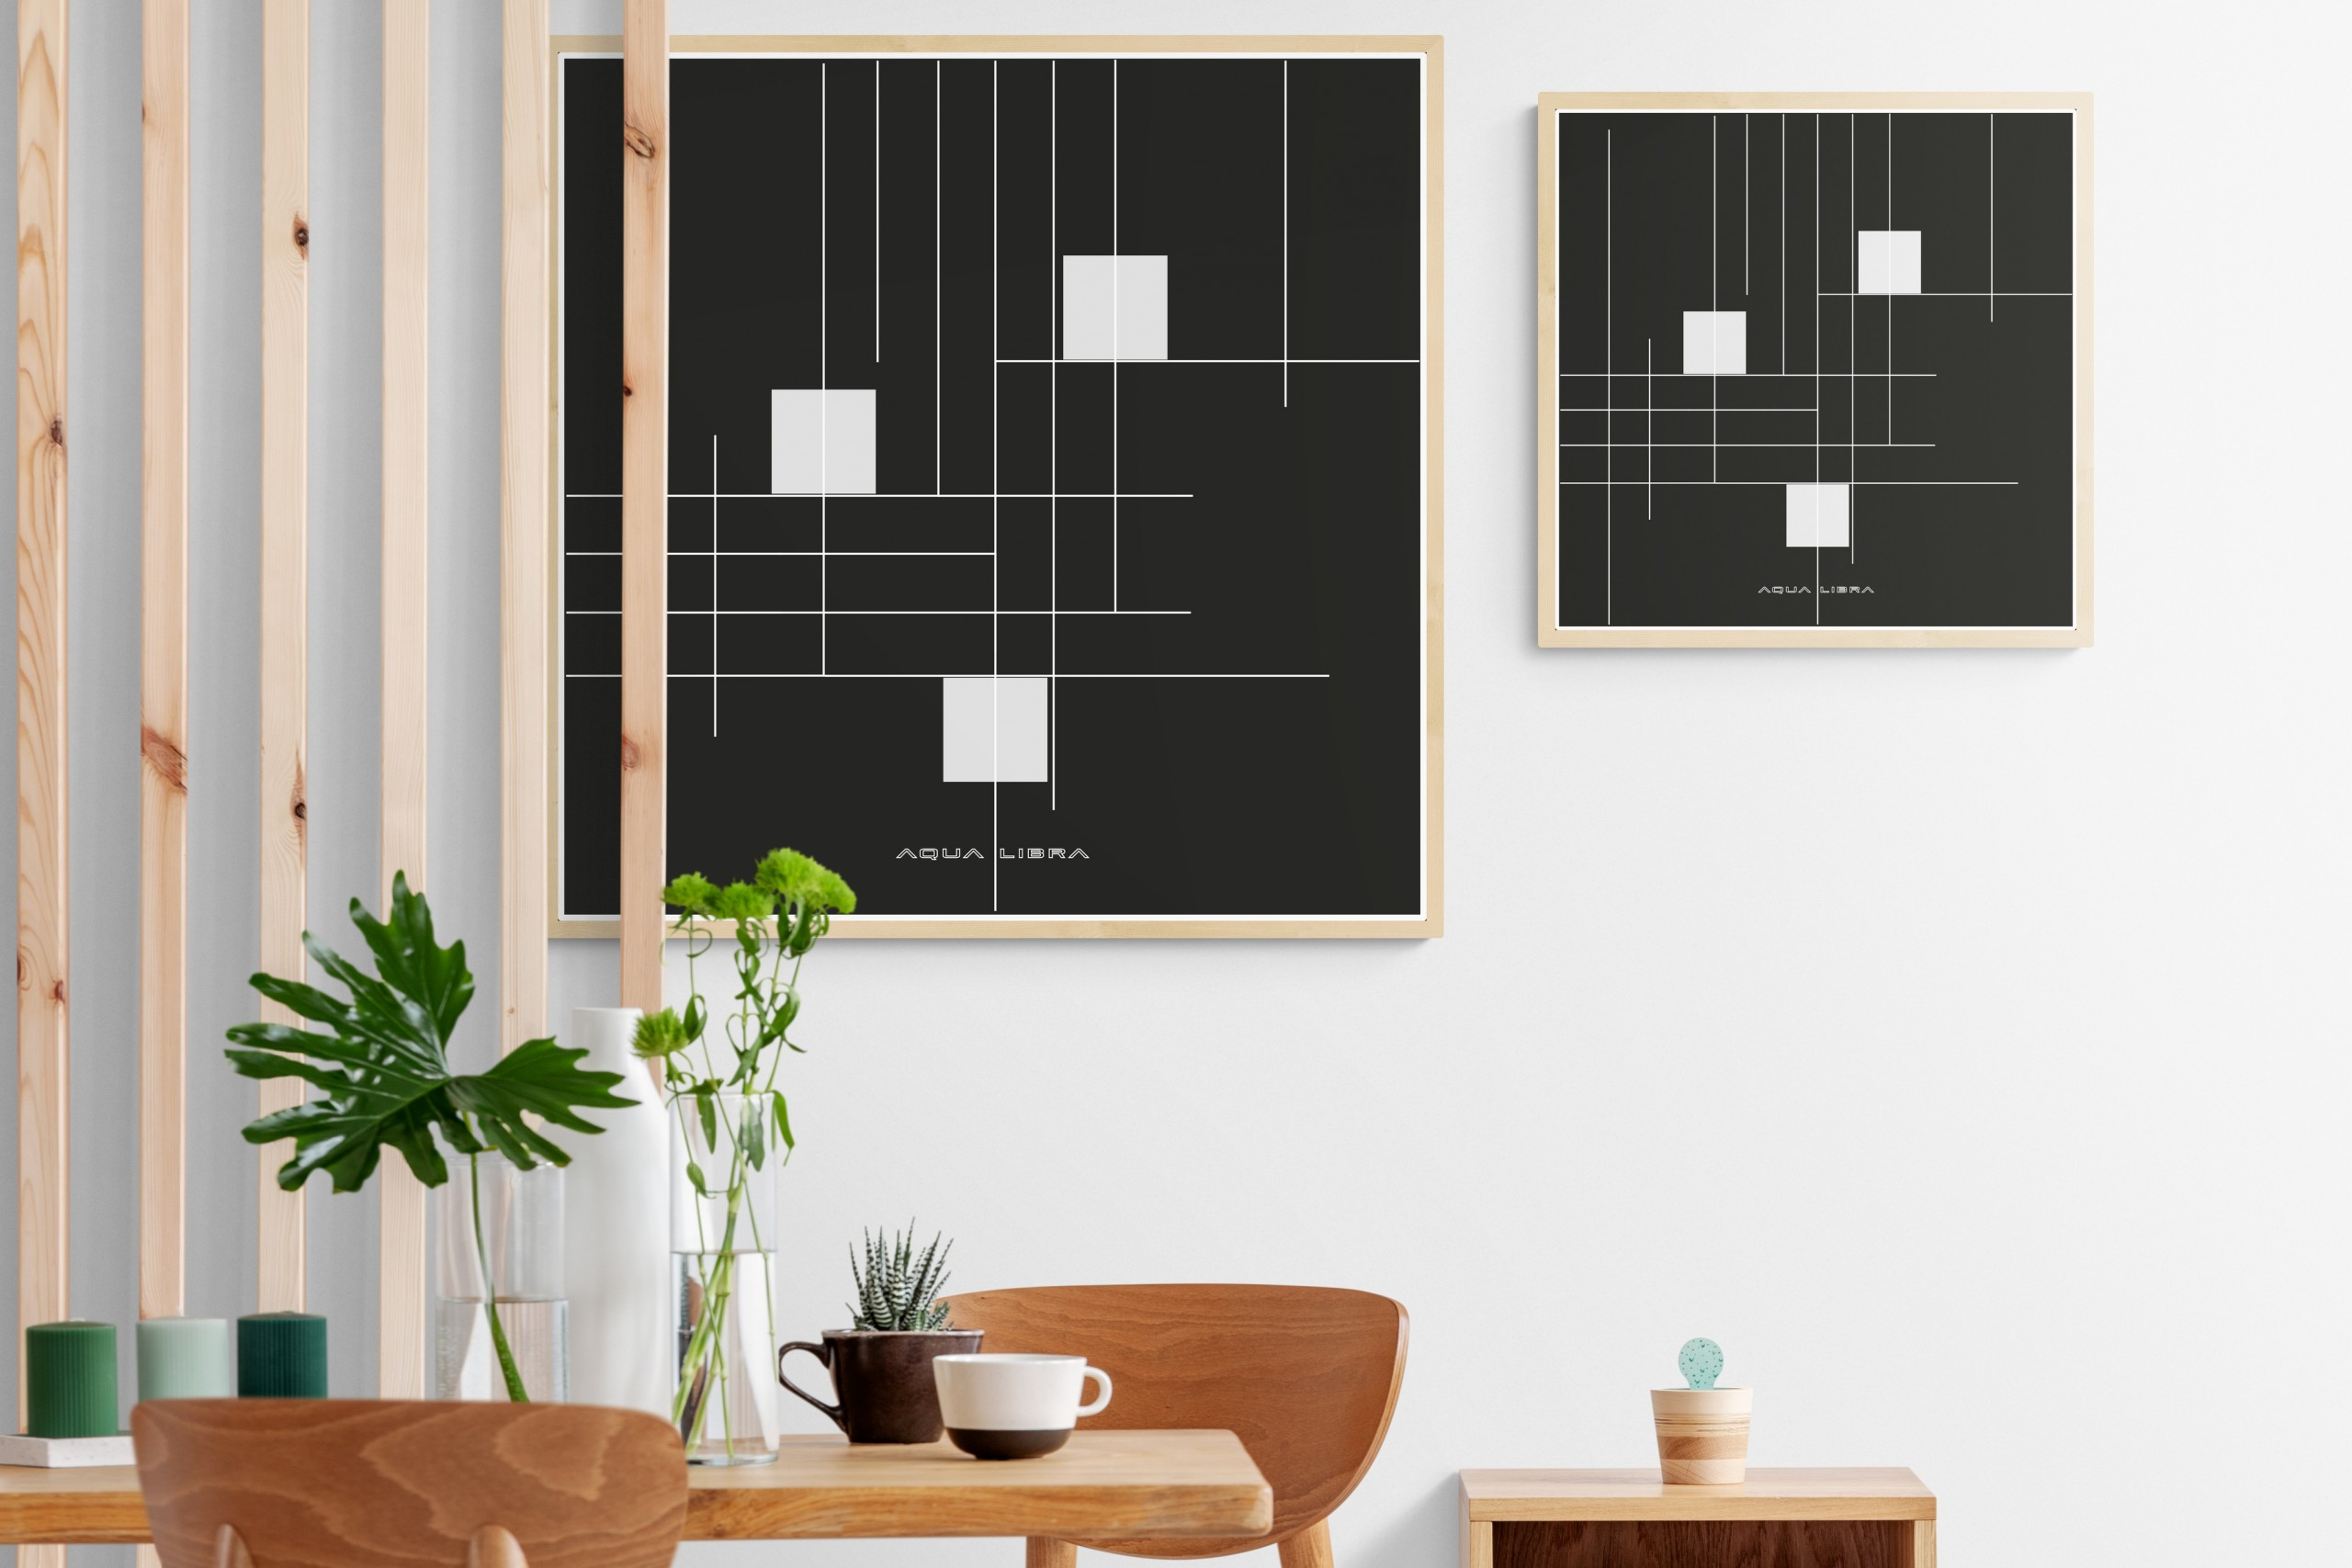 voorbeeld kamer met afmeting posters als voorbeeld.